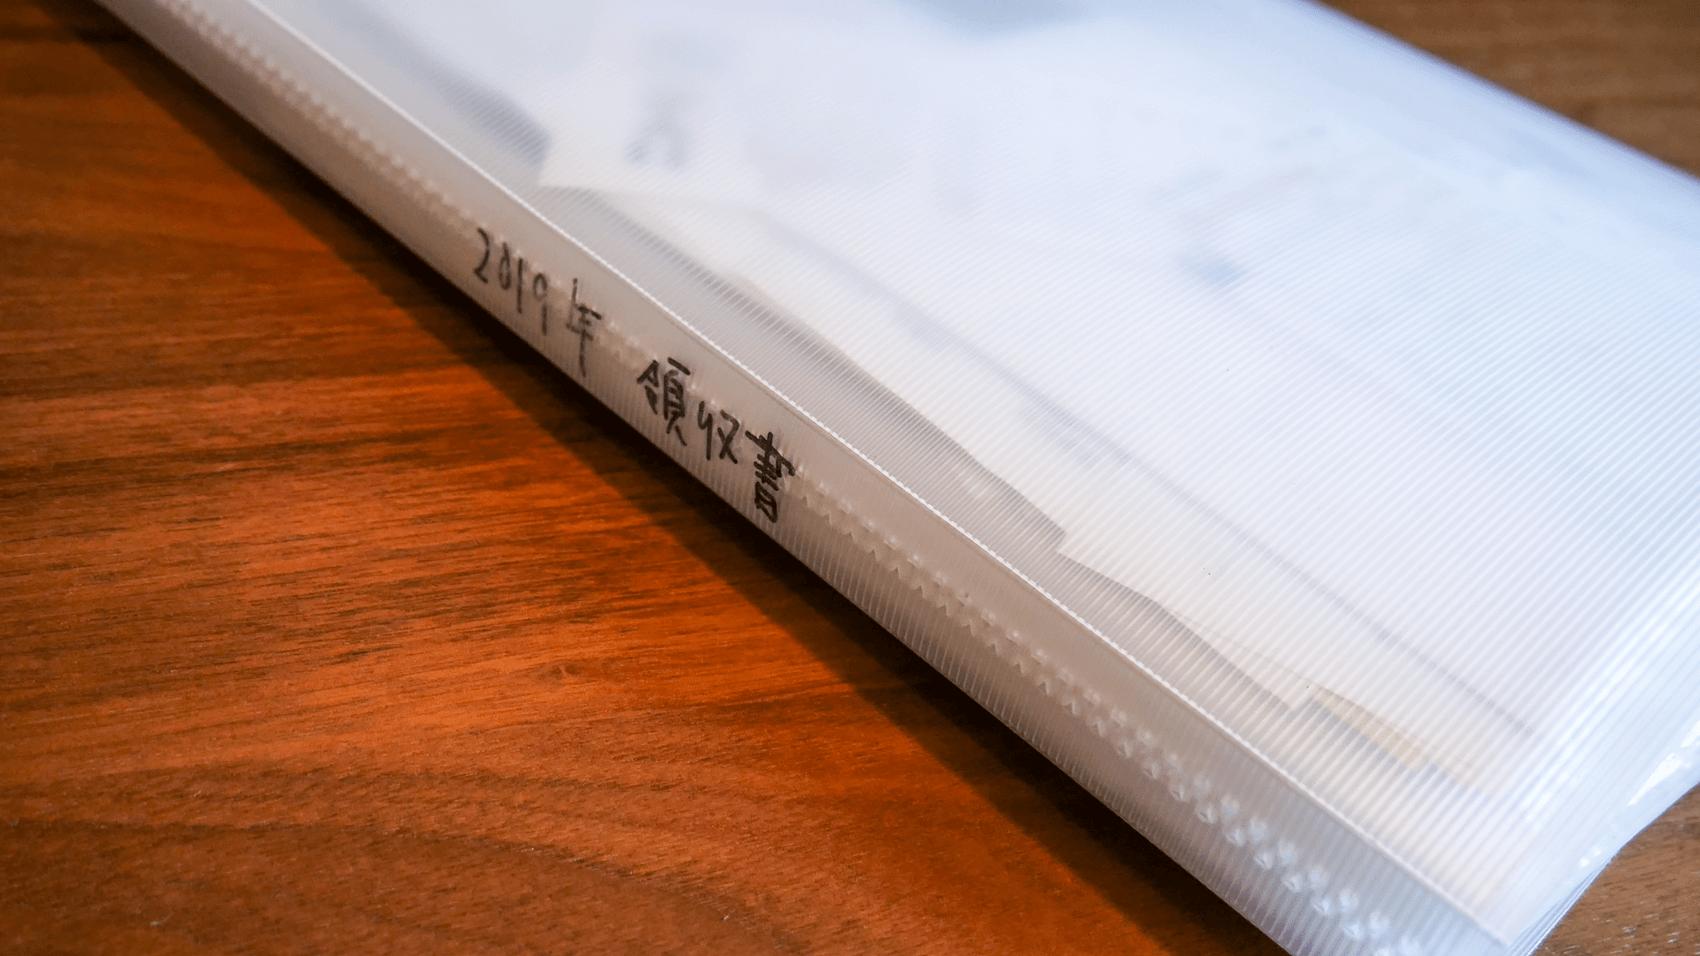 2019年領収書ファイル